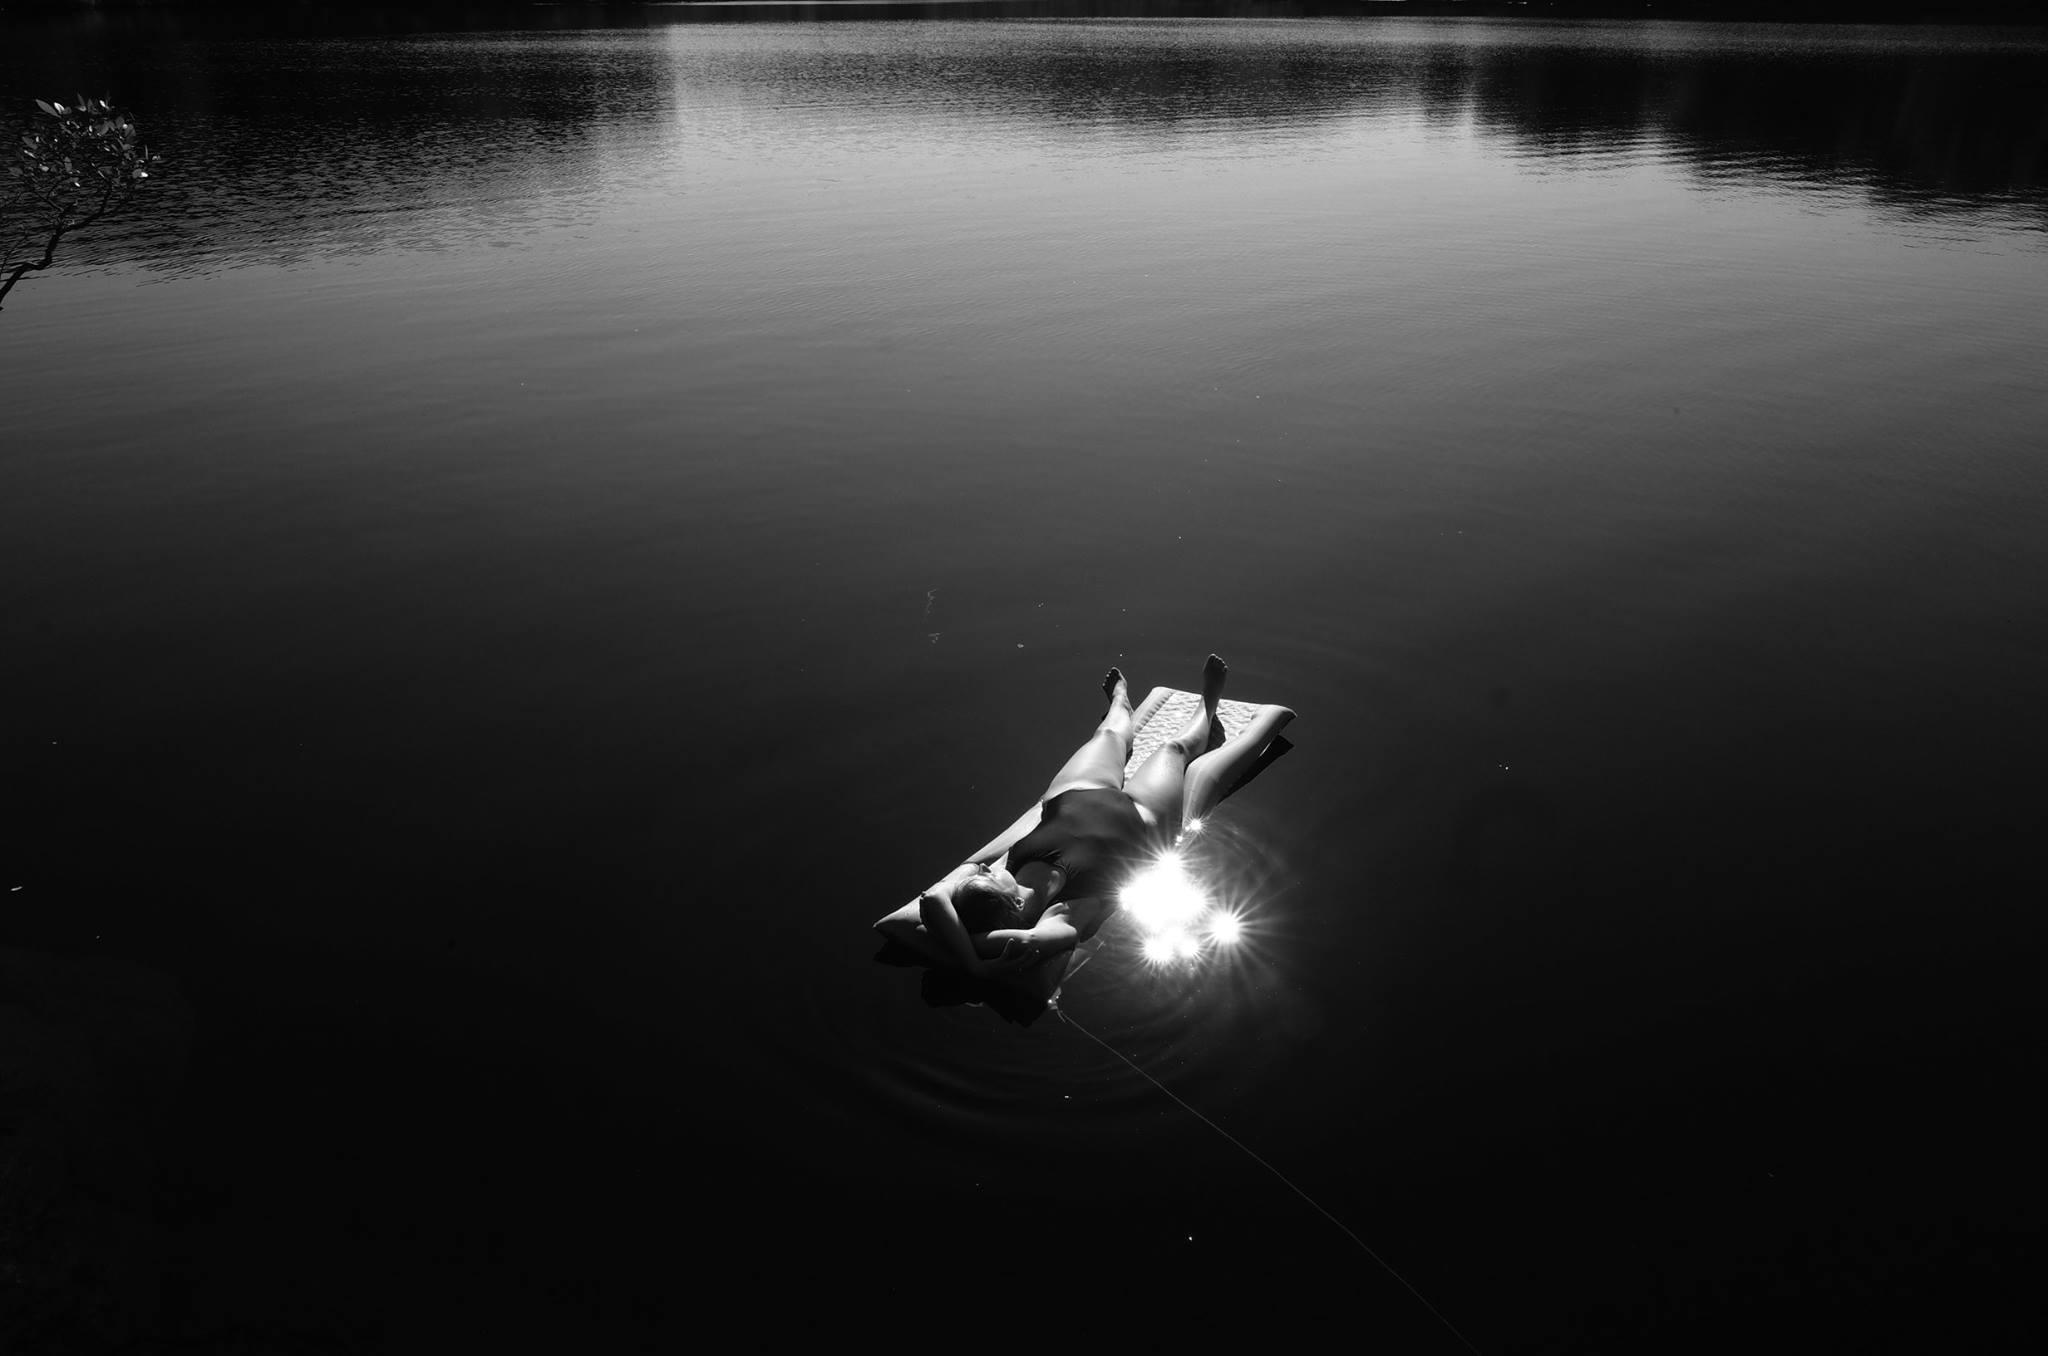 A photo by Miki  Marcinkiewicz